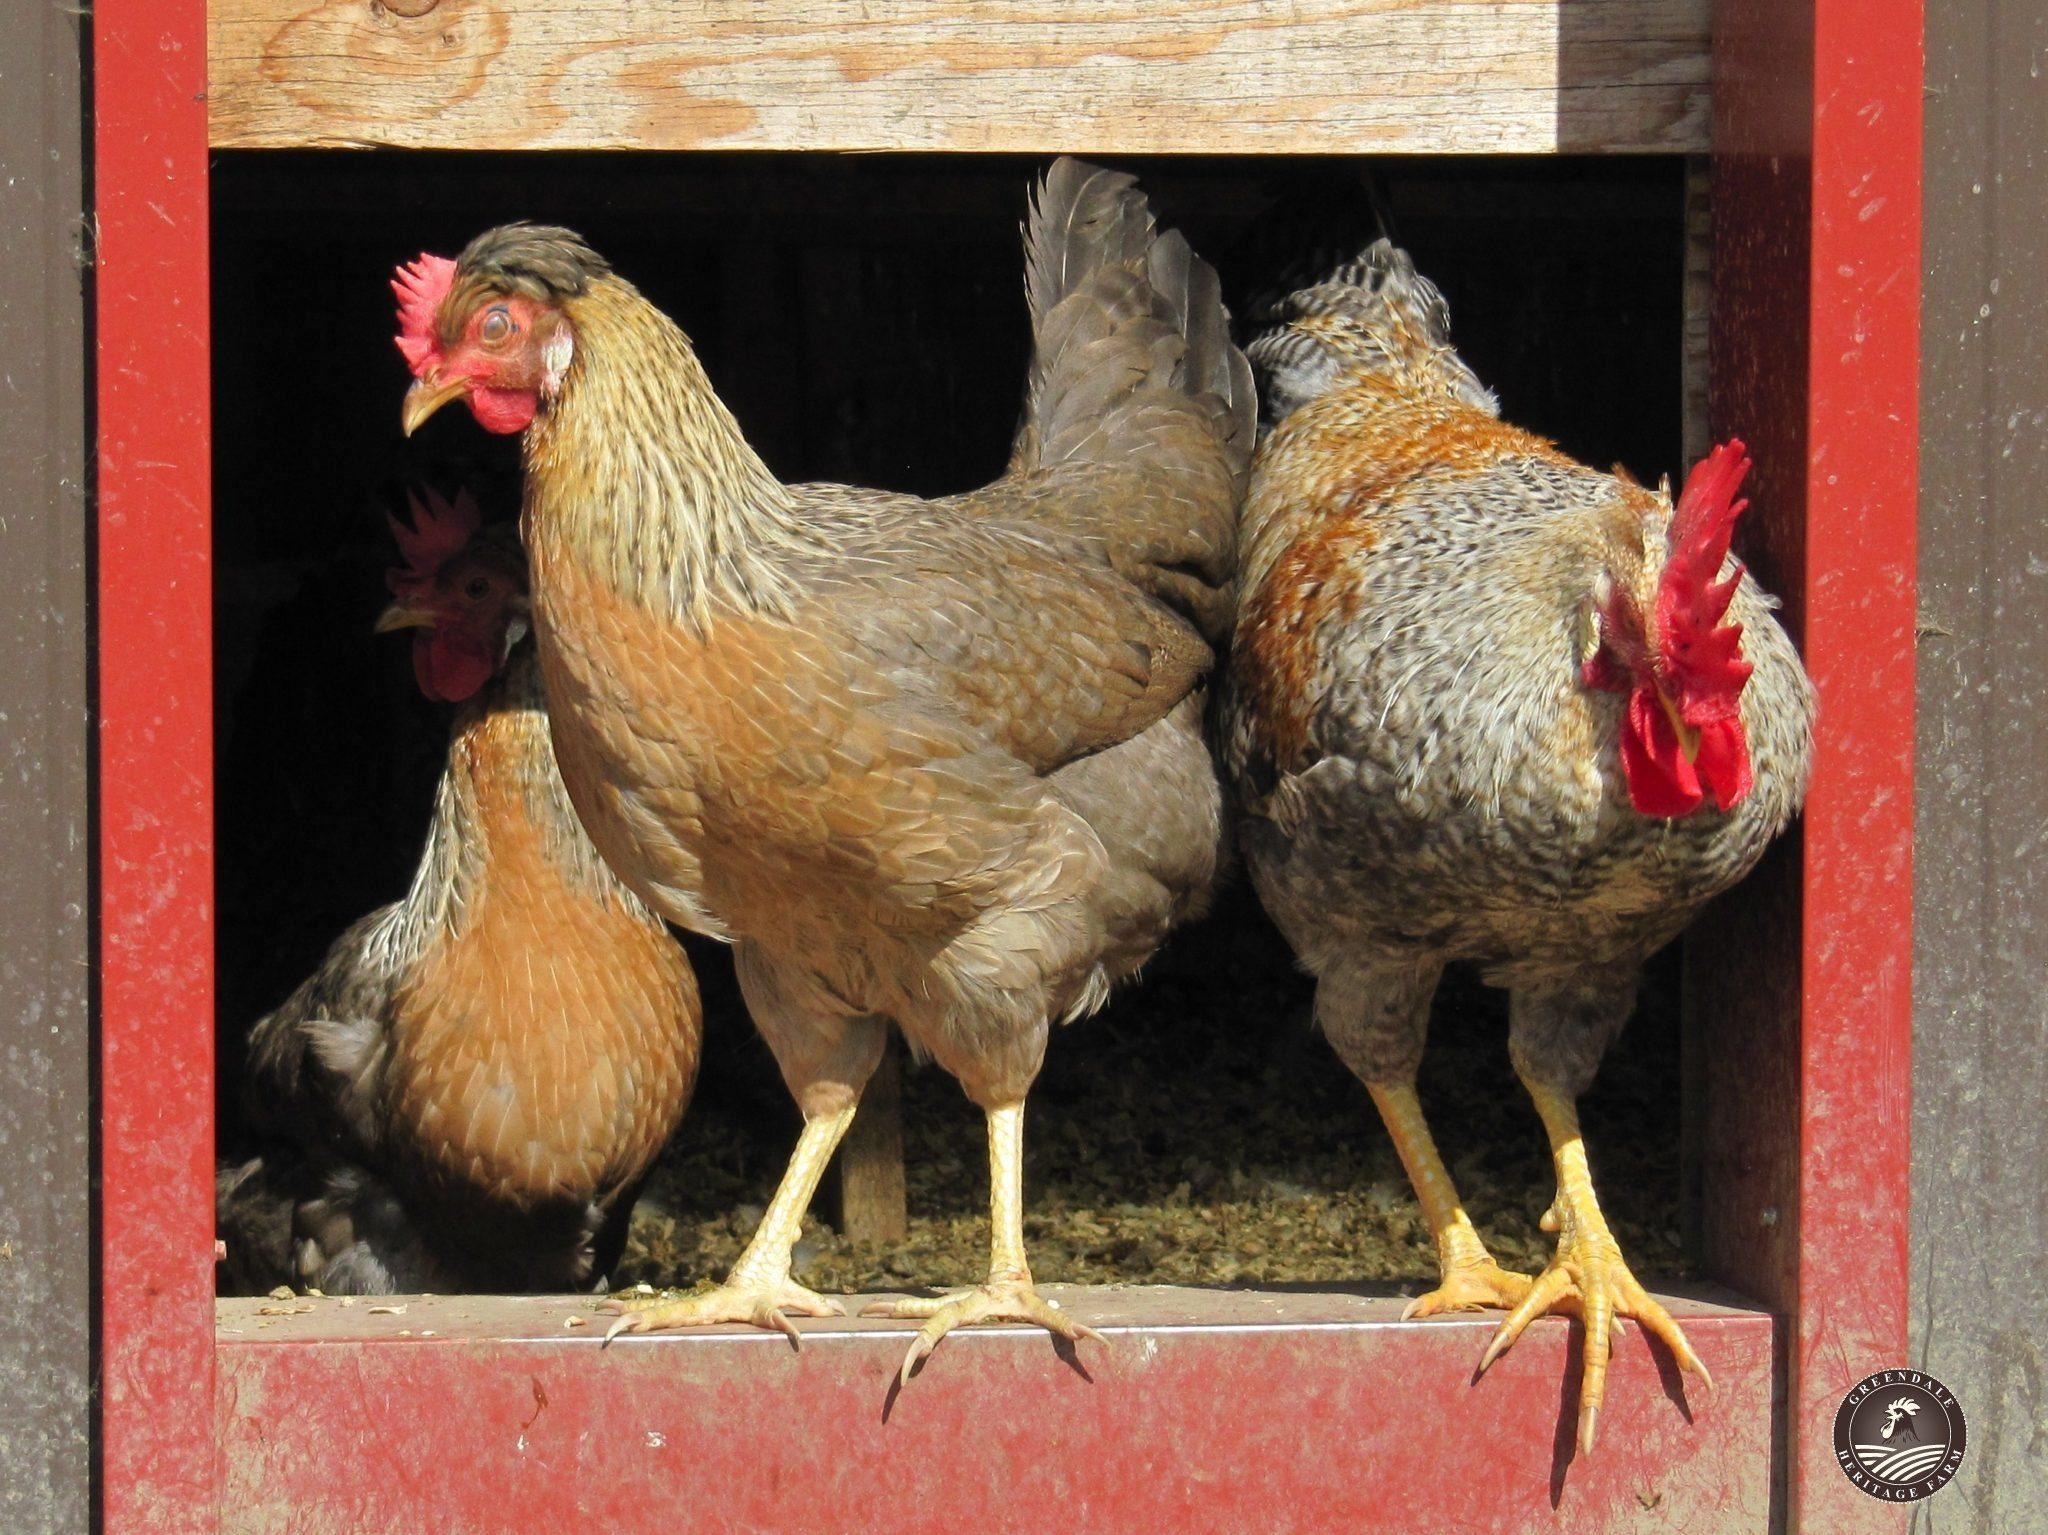 Красношапочная - мясо-яичная порода кур. Описание, характеристика, разведение, кормление и инкубация